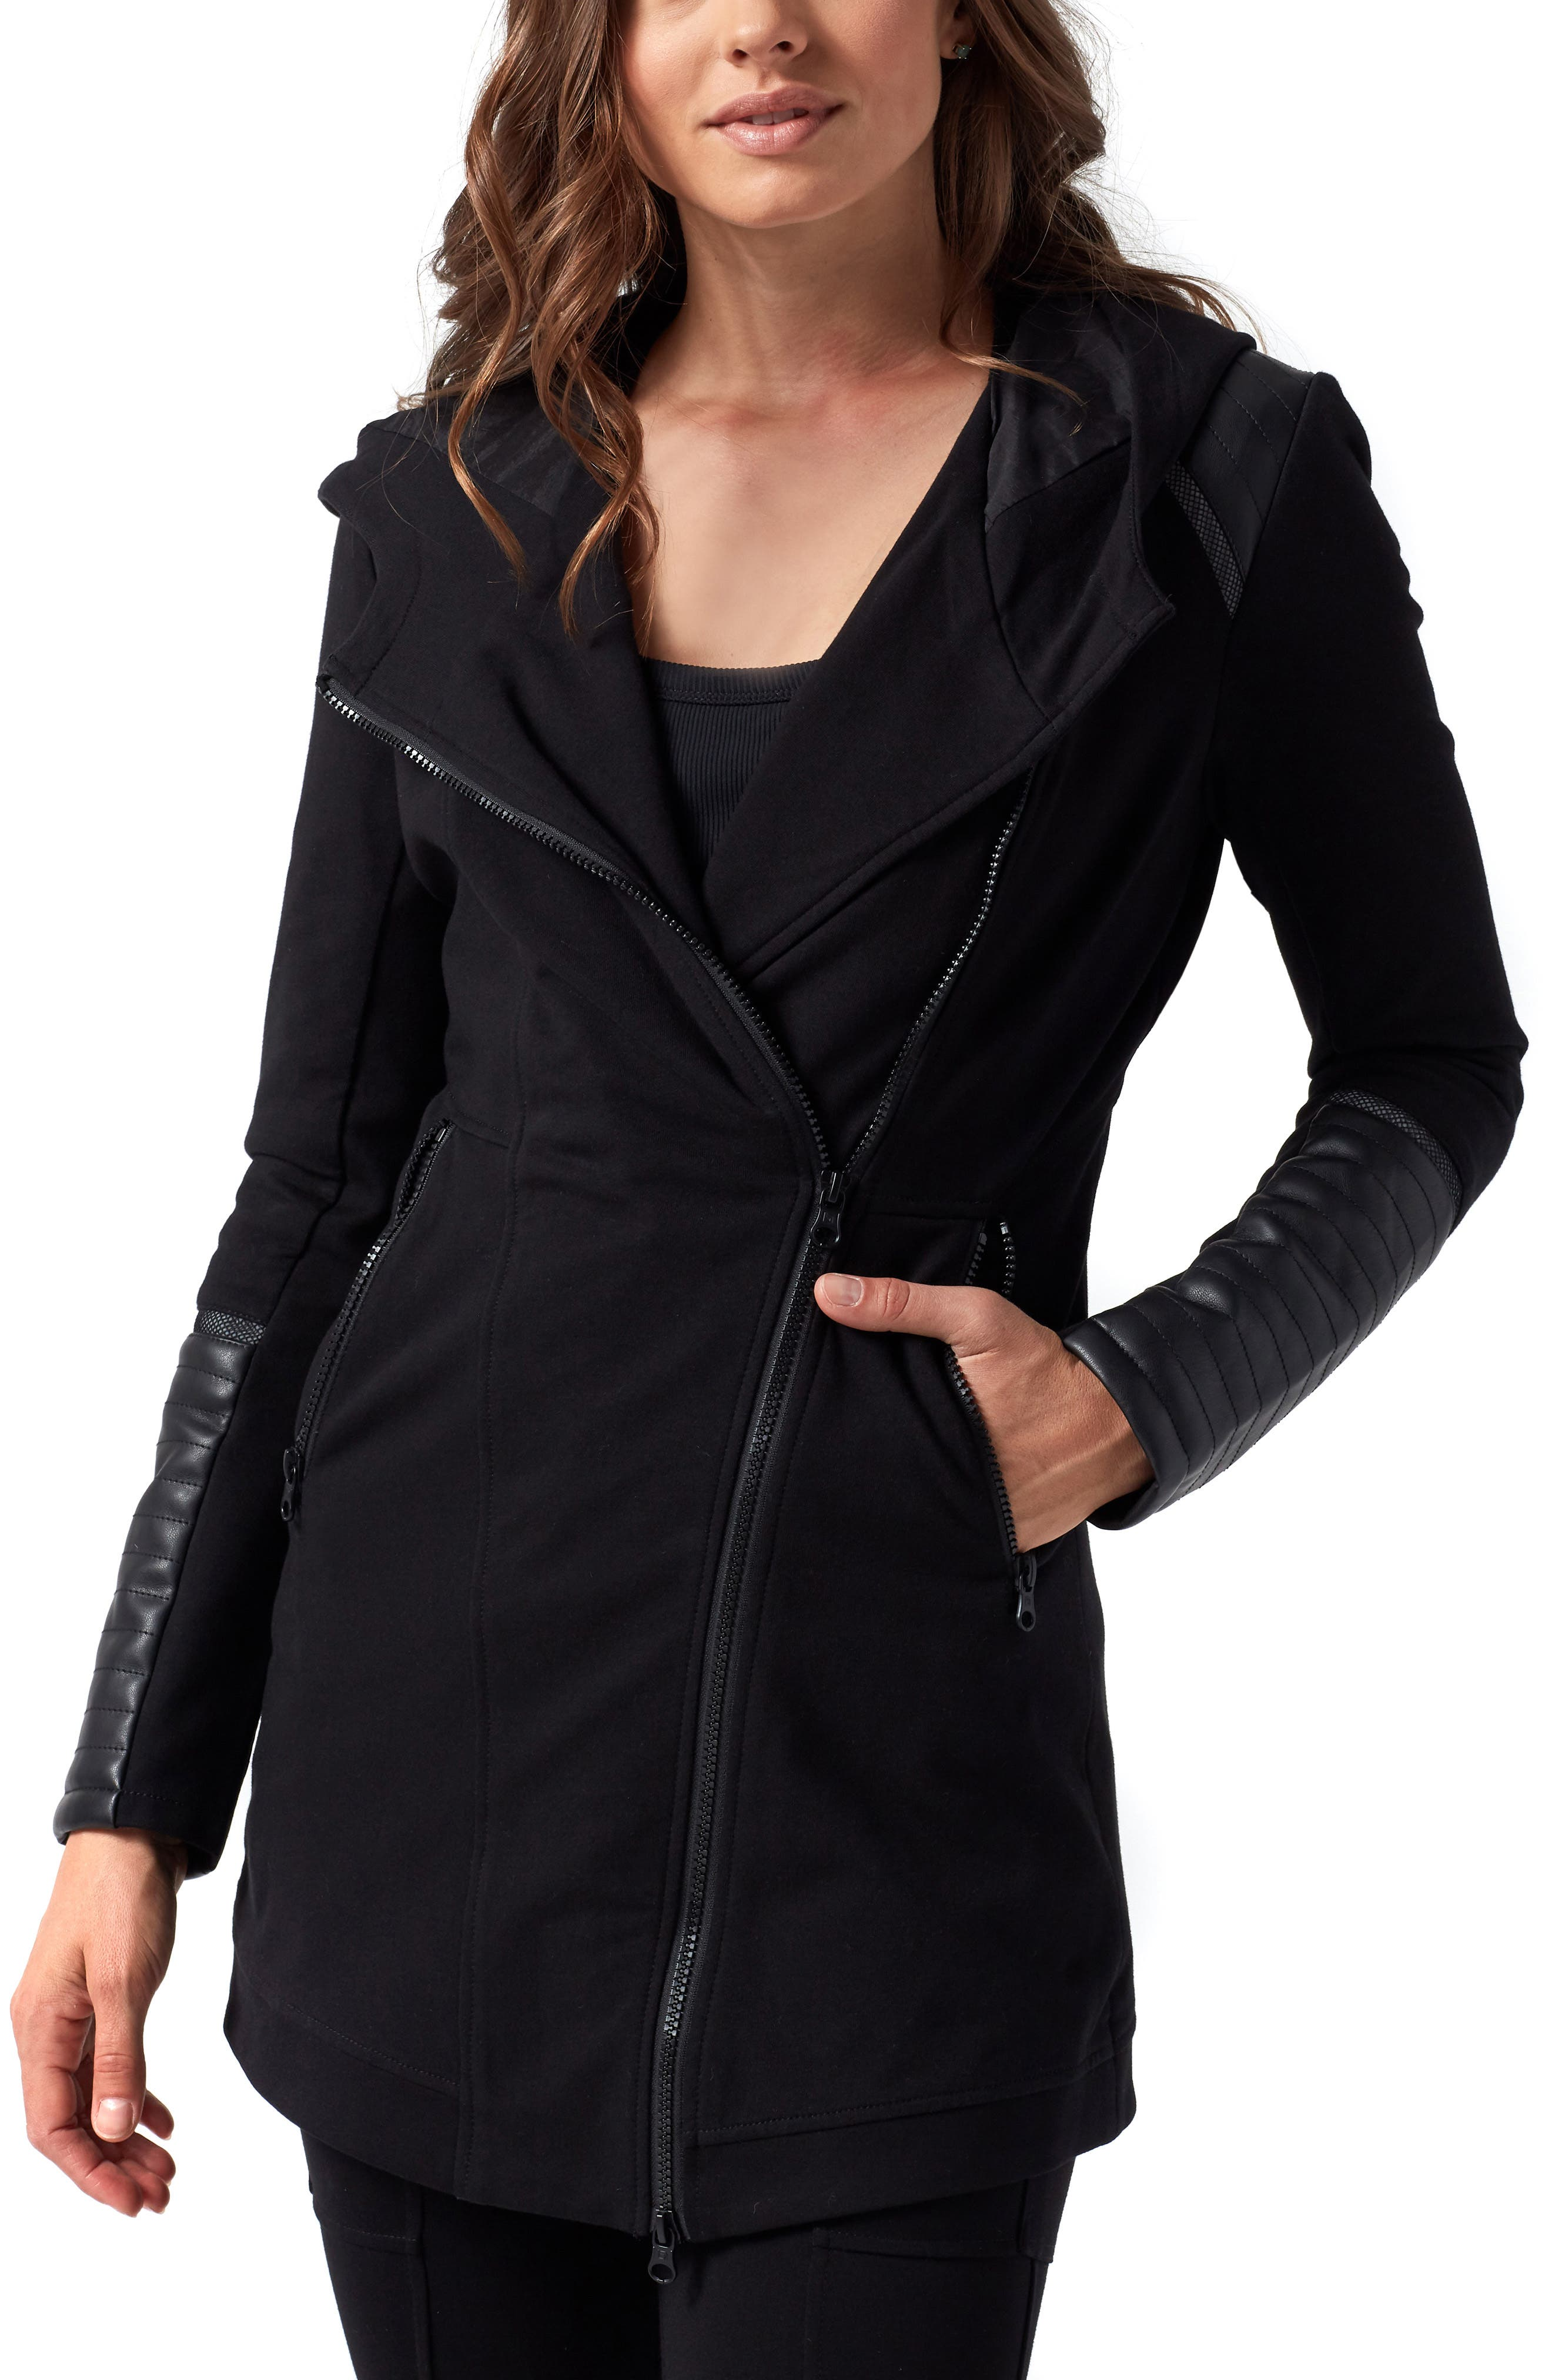 Traveller Mesh Inset Jacket,                         Main,                         color, BLACK